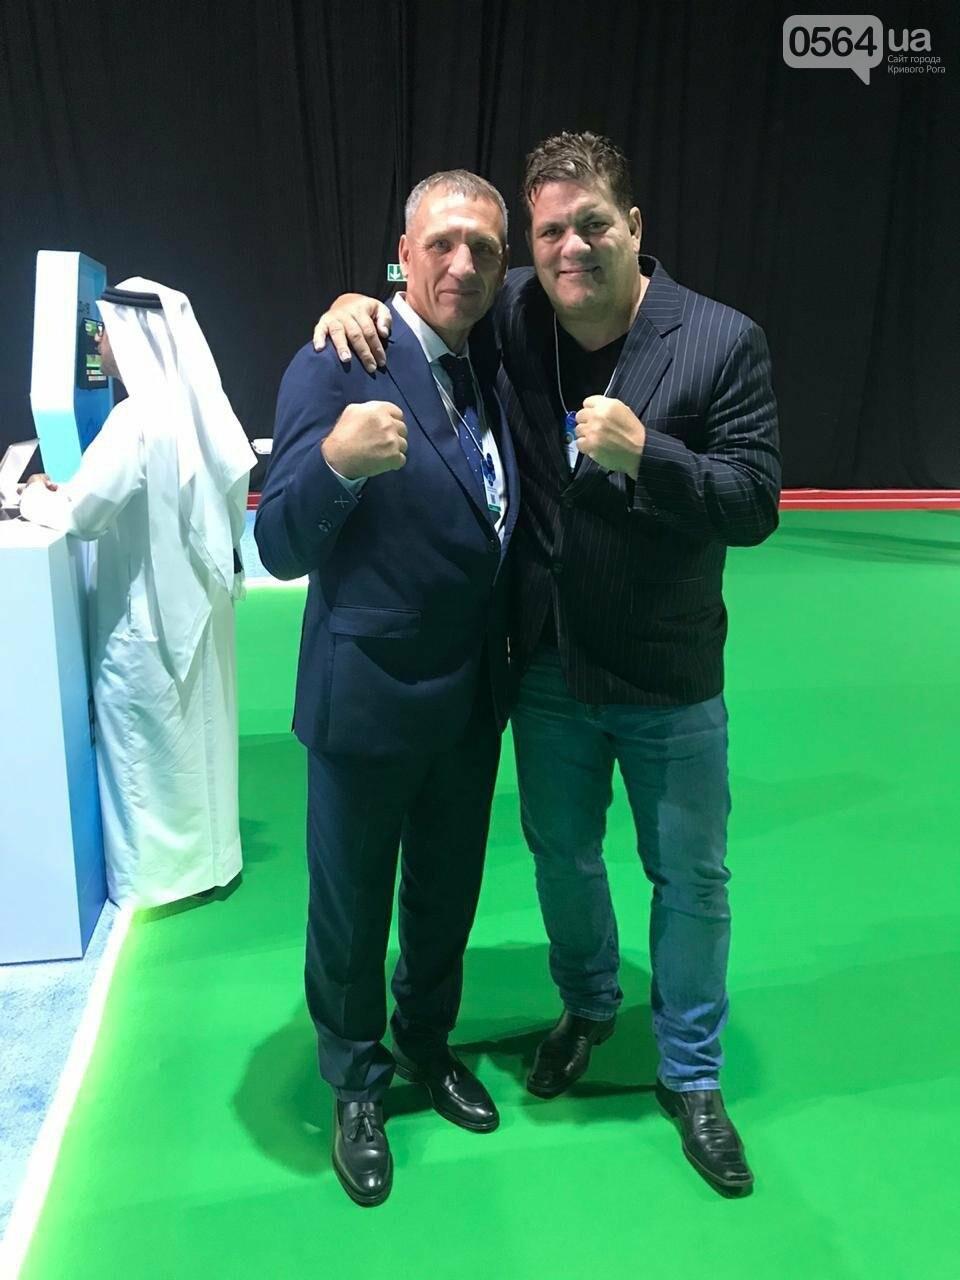 Впервые криворожанин выступил в Дубае с докладом на Конференции по использованию ИИ в спорте, - ФОТО, фото-4